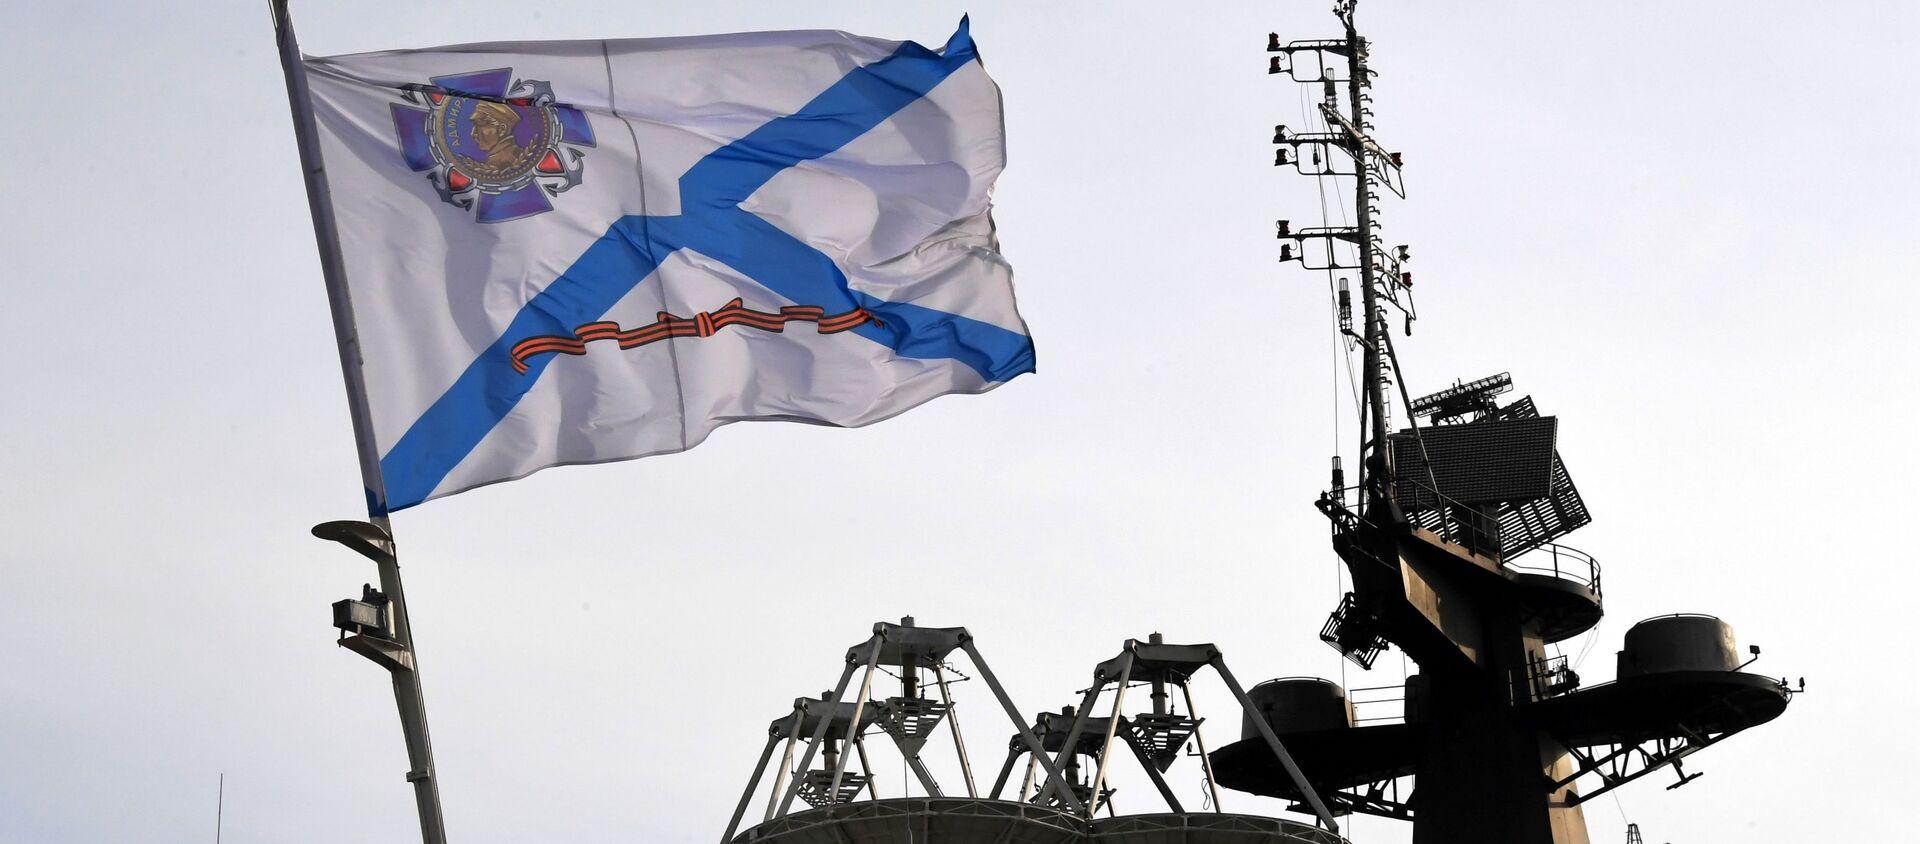 Bandera morska na pokładzie jednego z okrętów Floty Oceanu Spokojnego - Sputnik Polska, 1920, 10.06.2021